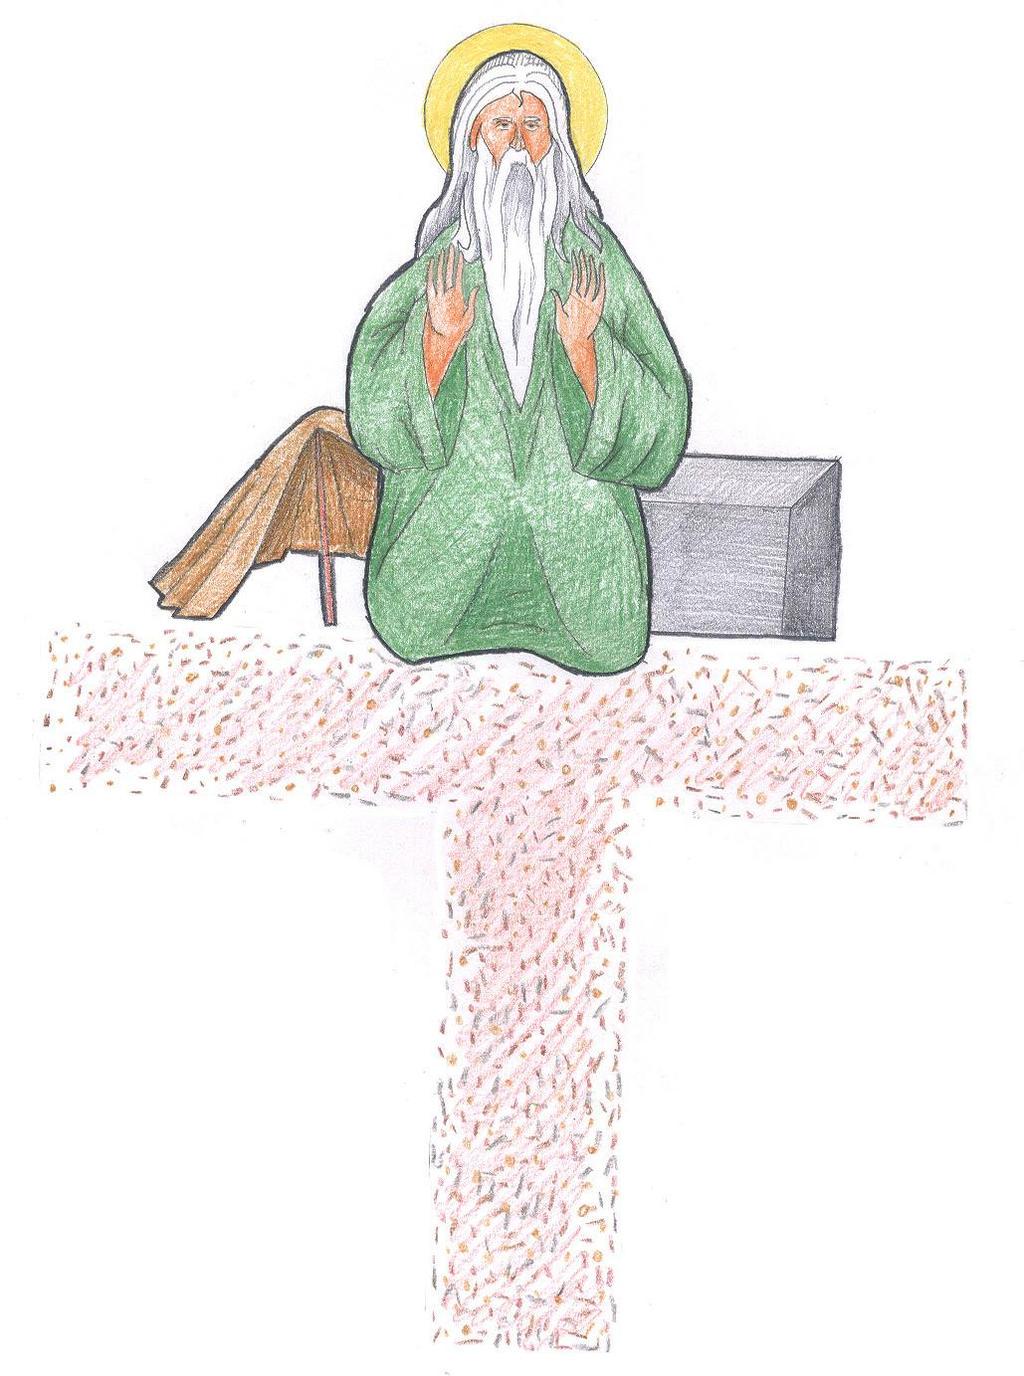 Genesis 13:14-18 (As Sand) by Parastos